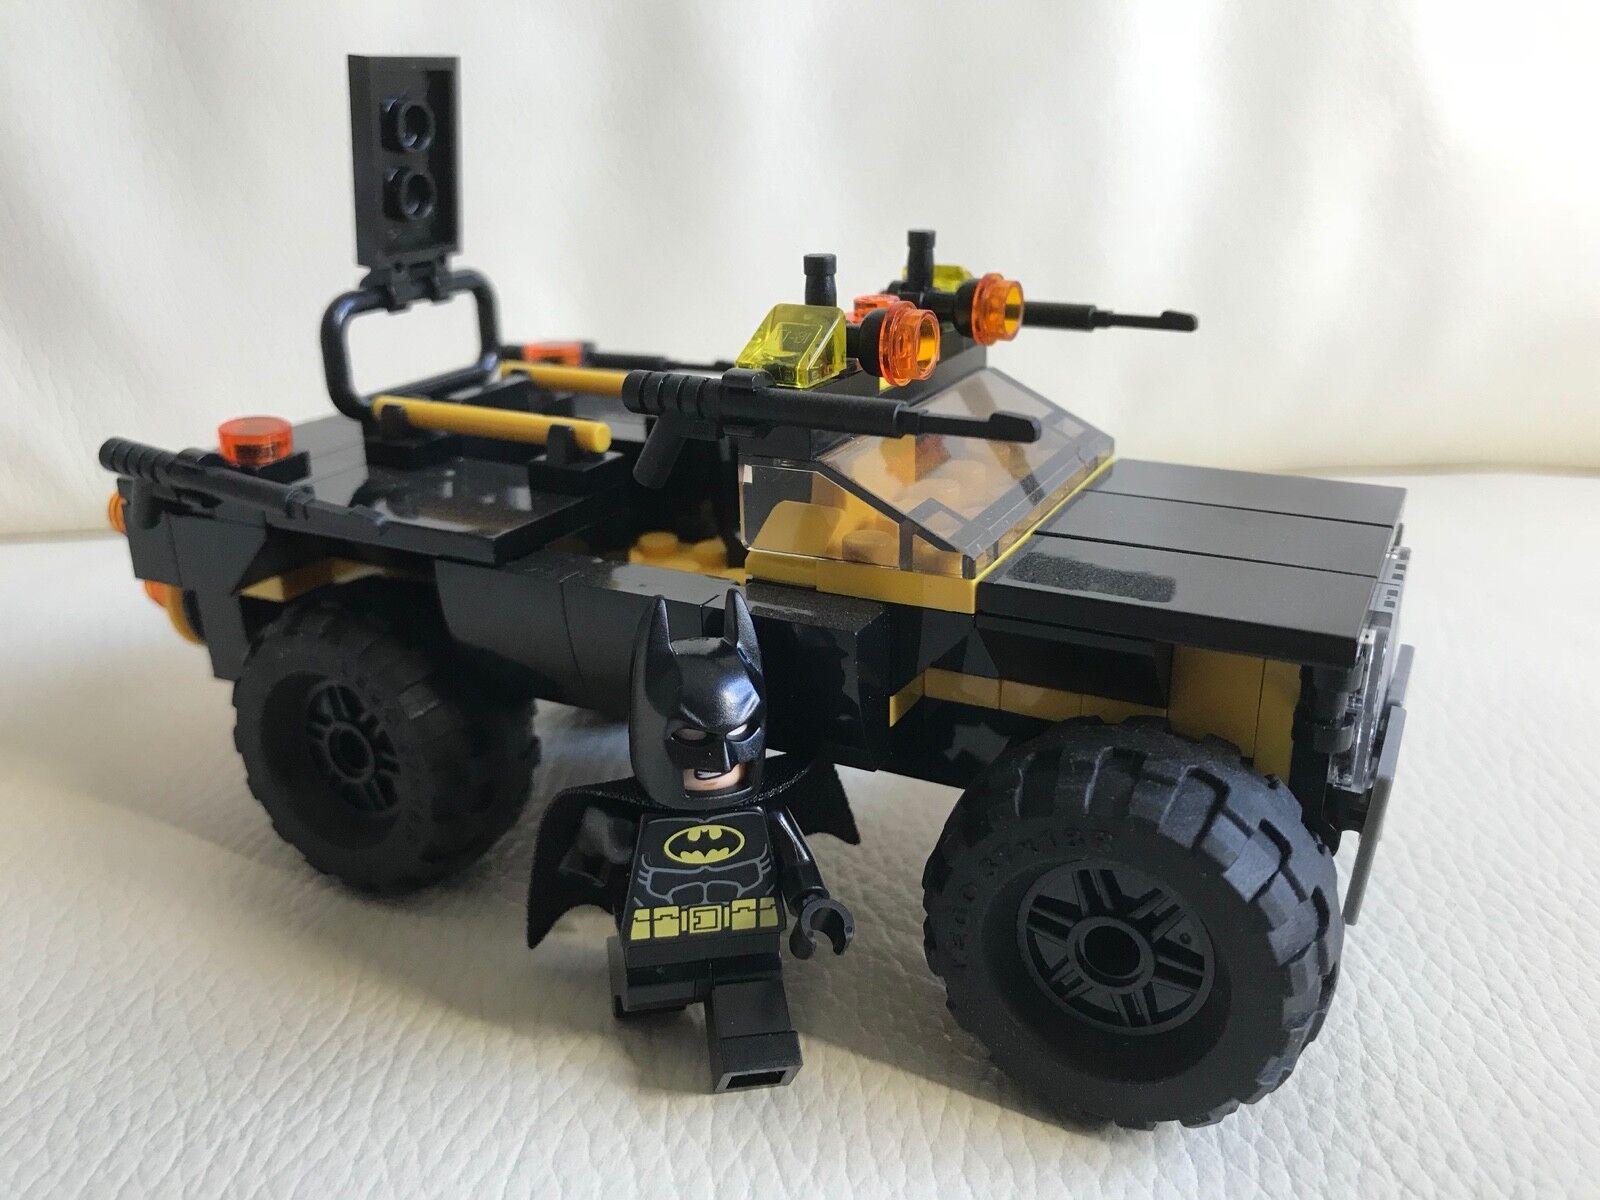 Lego original parts - HUMVEE + BATMAN - batmobil off road version my design